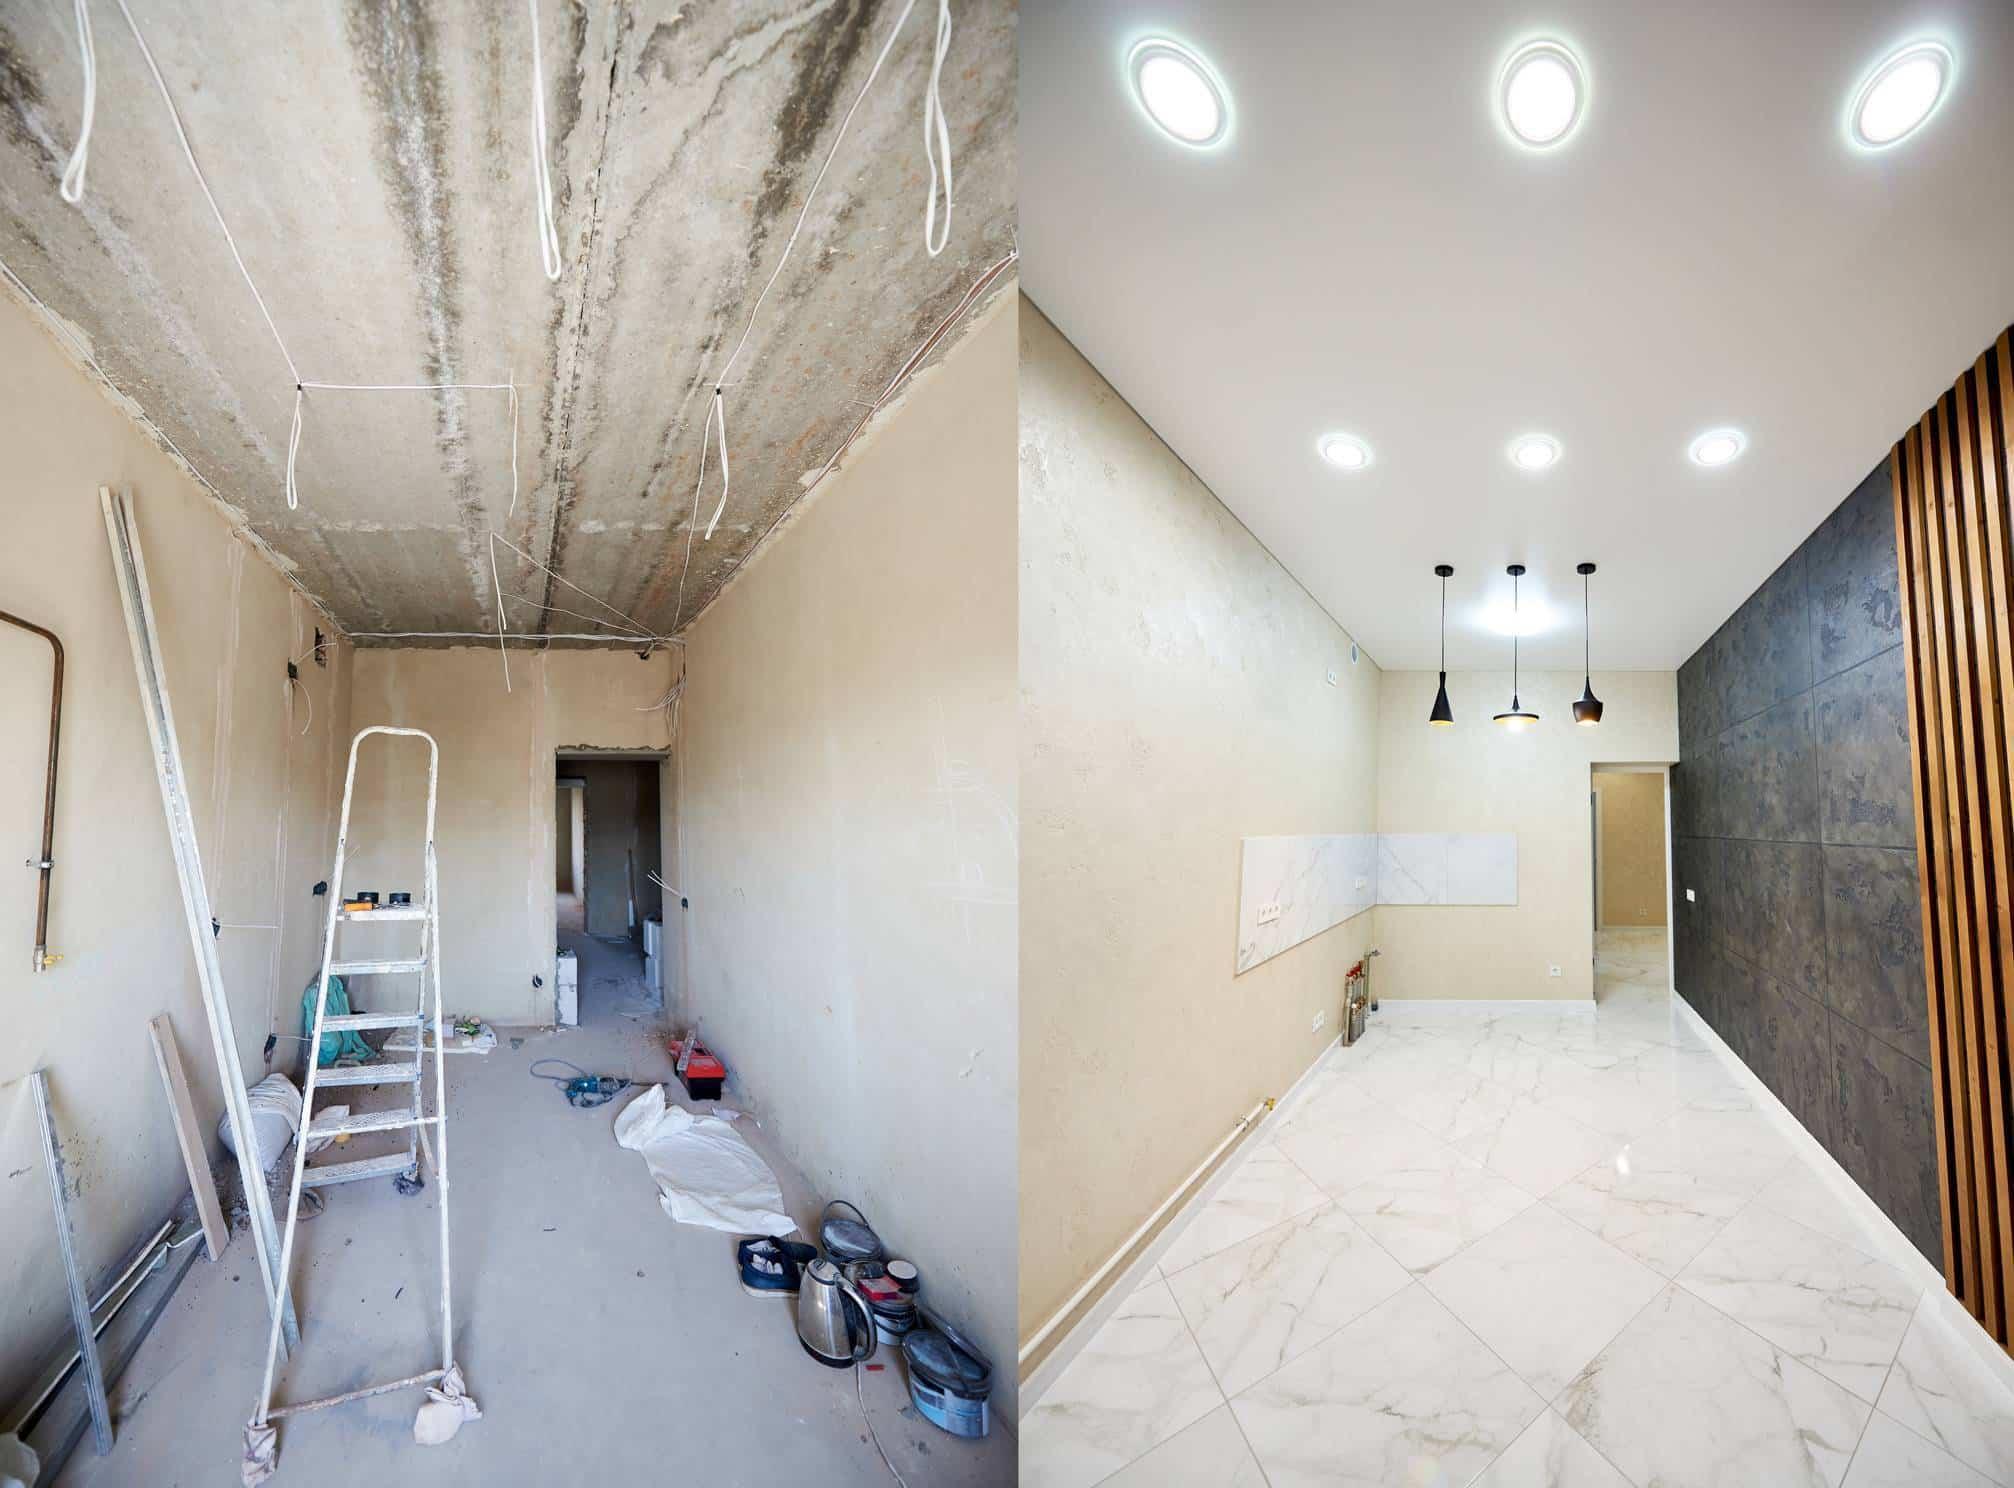 rénover son logement à moindre coût